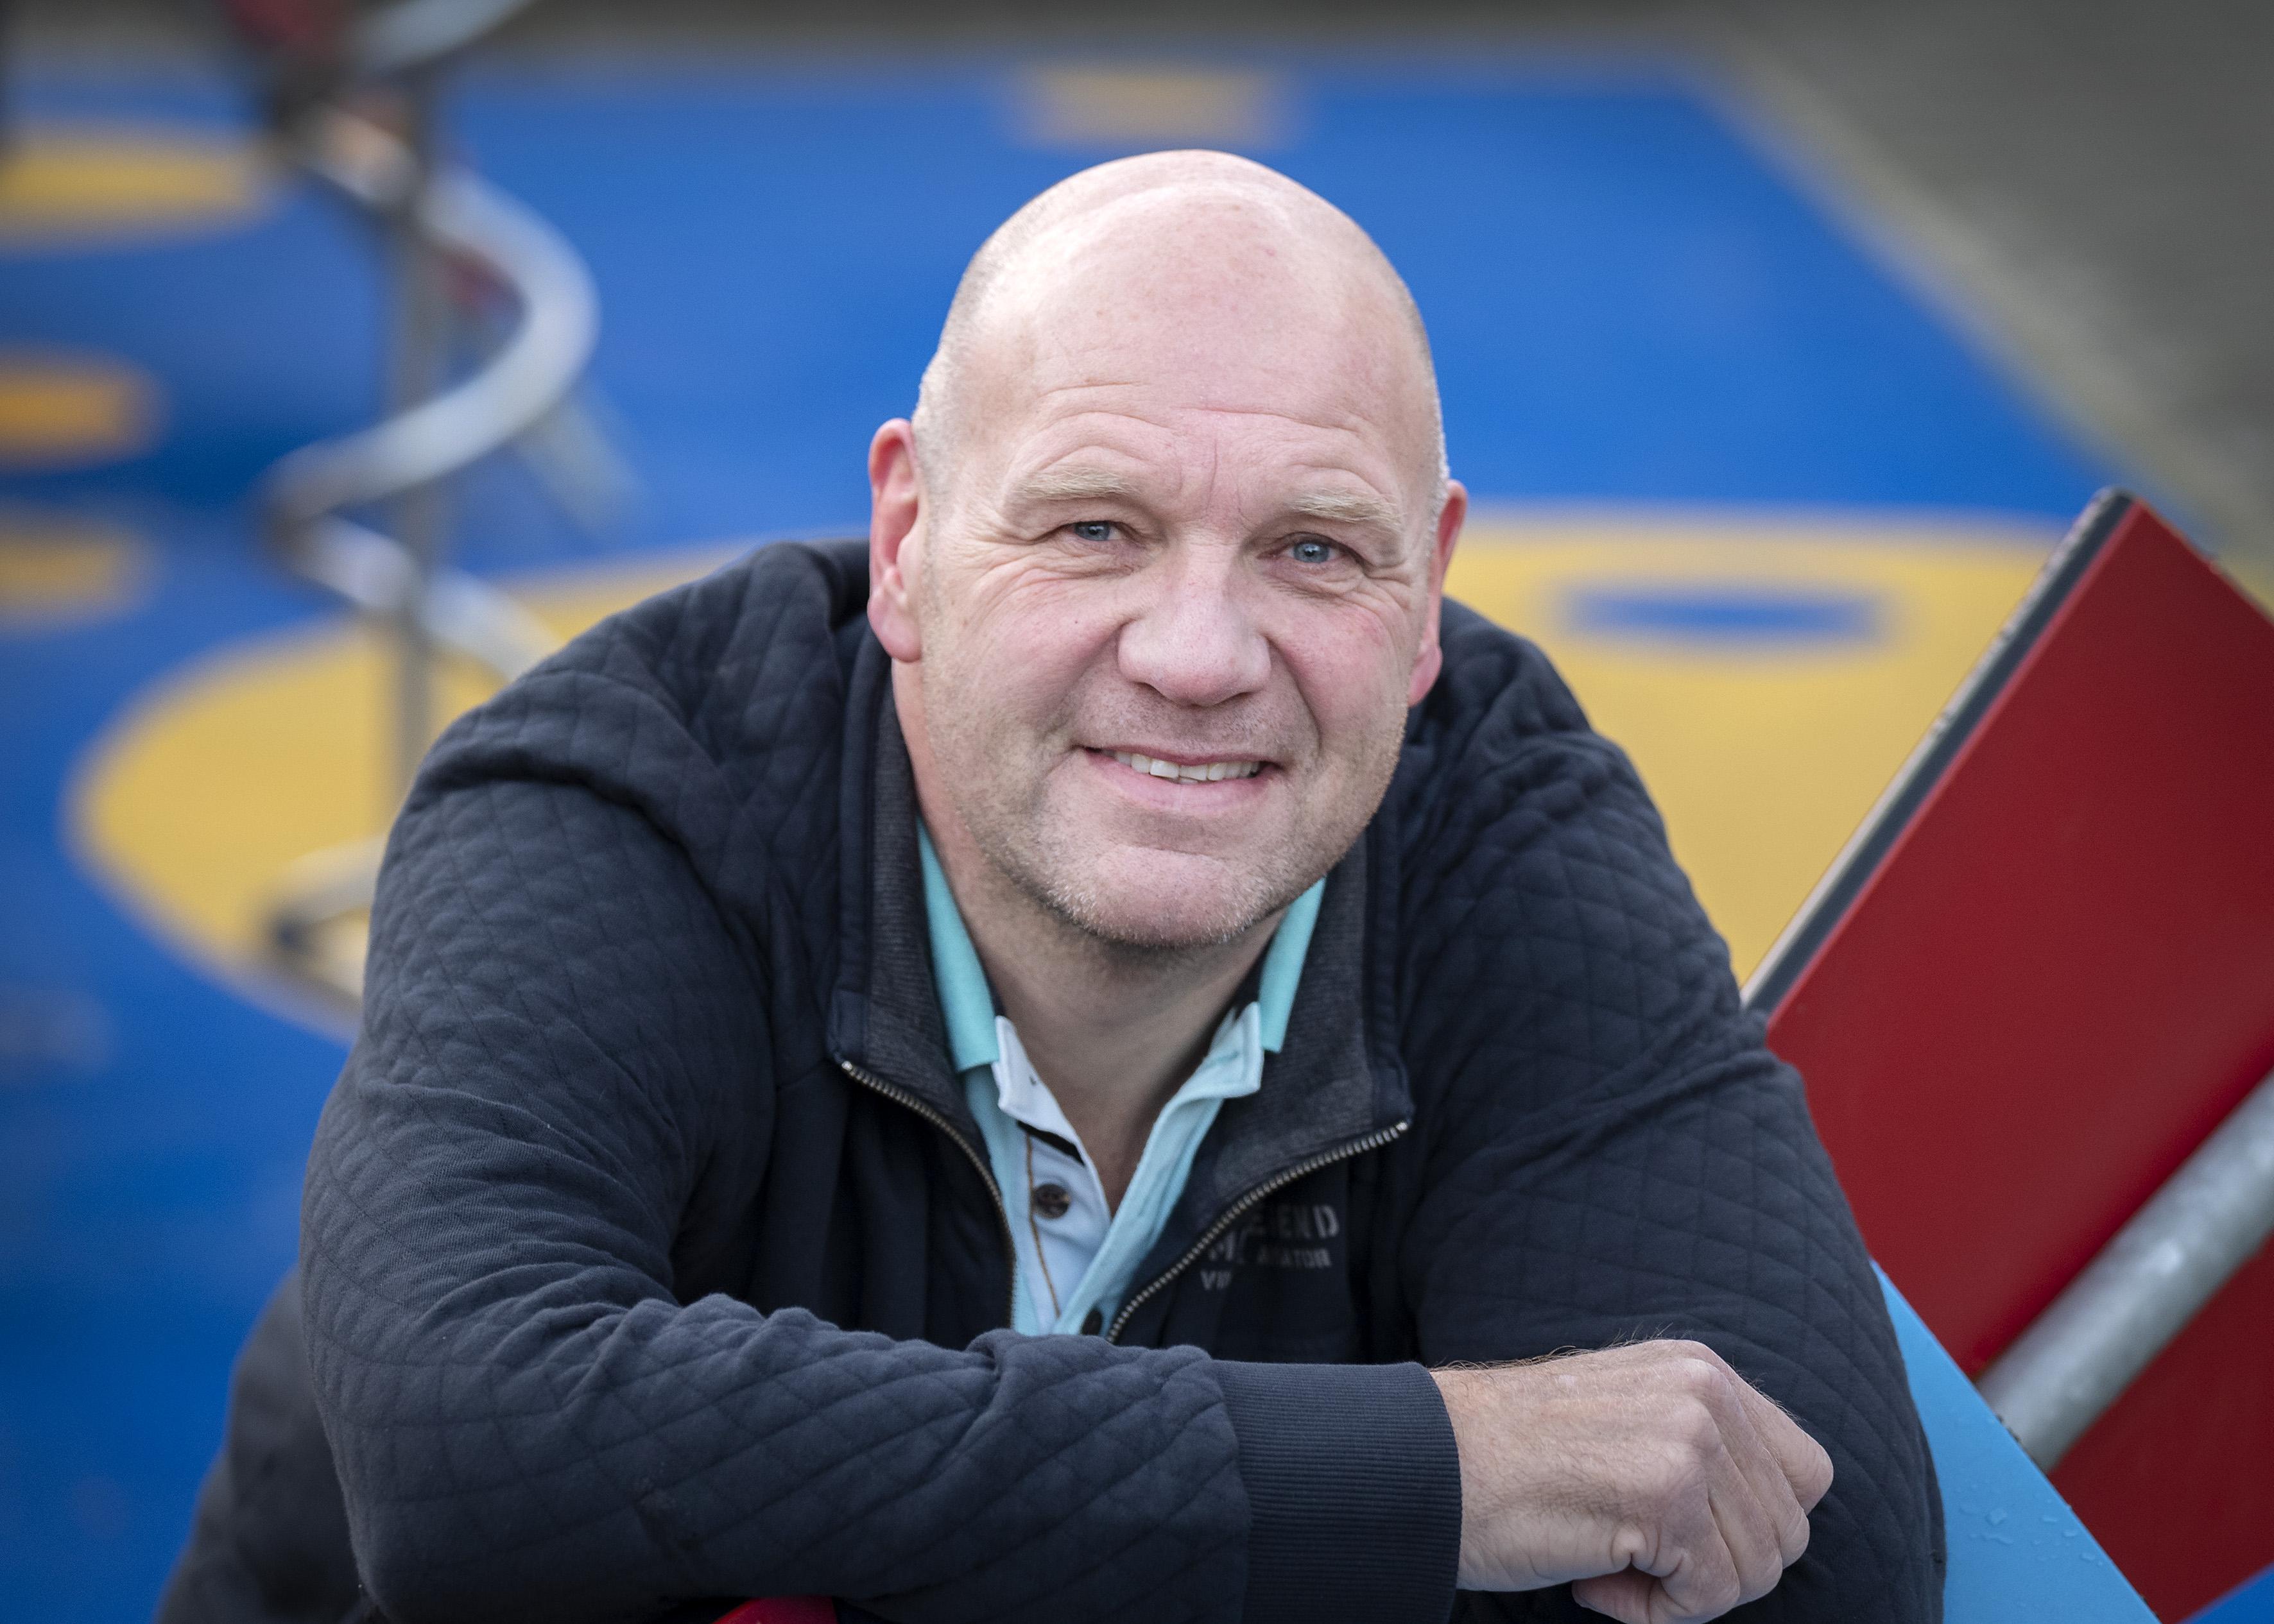 De herinnering aan de wereldgoal van Haarlem-goalie Mark Verzijlberg leeft 25 jaar na dato nog altijd voort: 'Dat is toch wel leuk' [video]